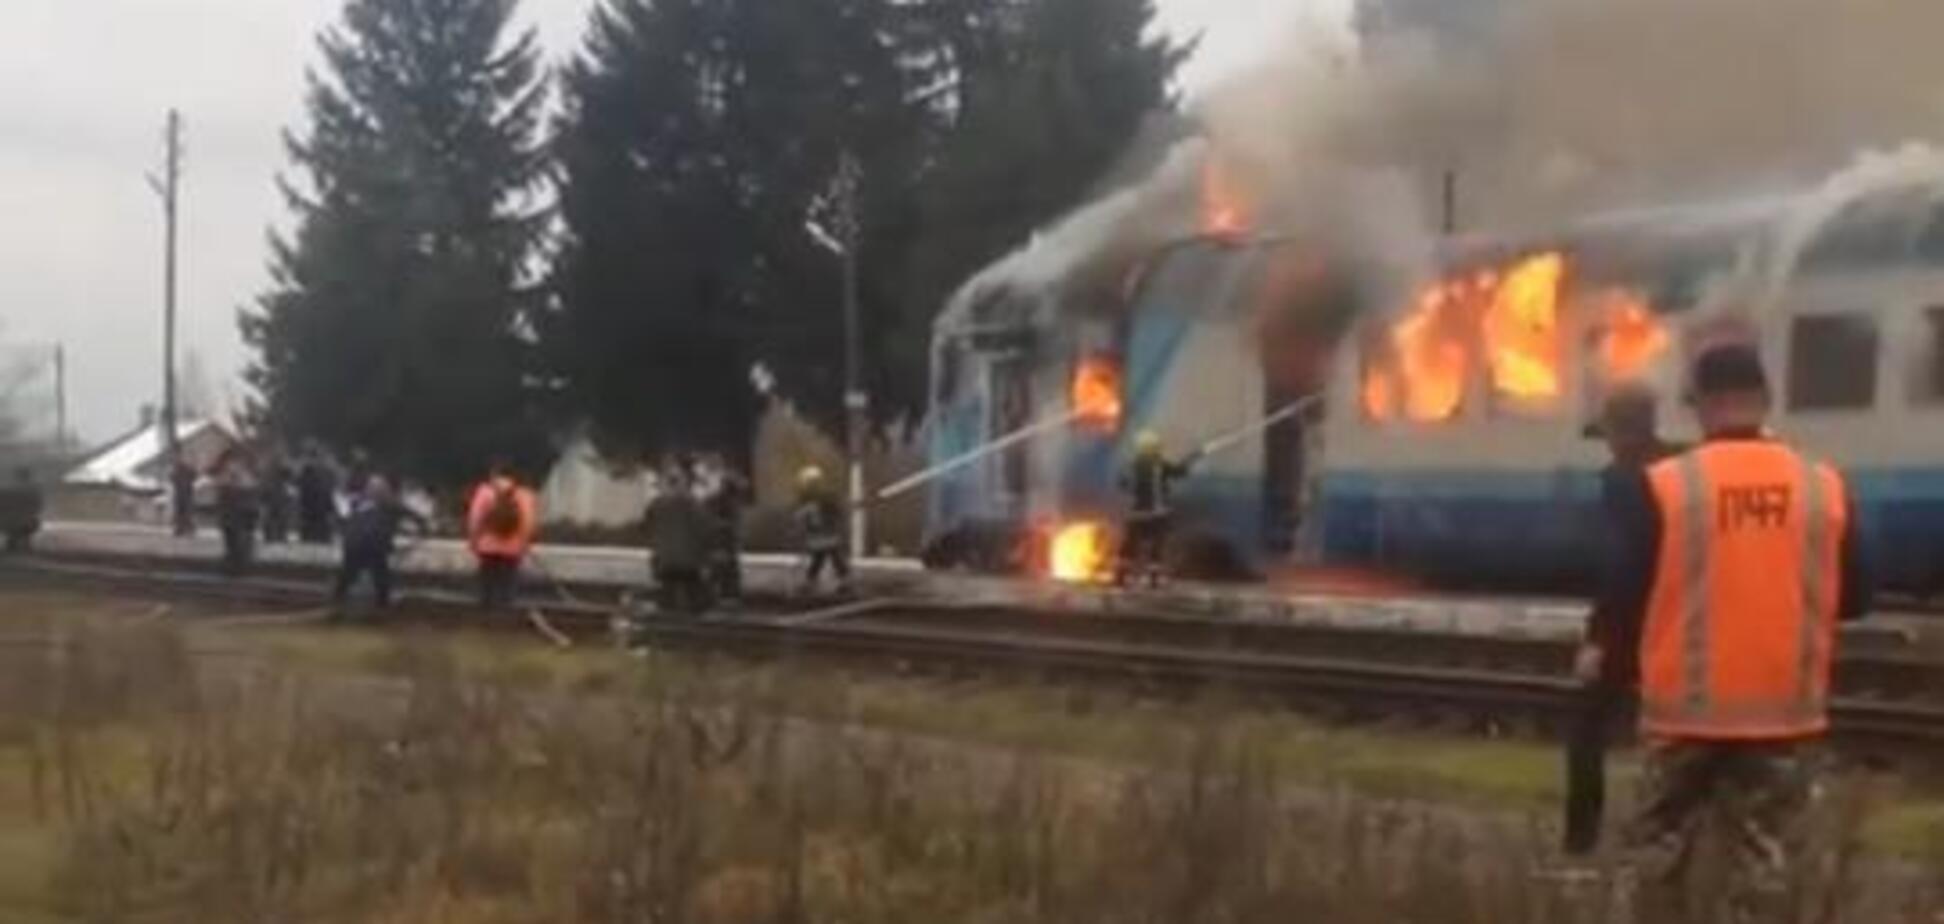 На Рівненщині загорівся потяг із людьми: фото та відео сильної пожежі